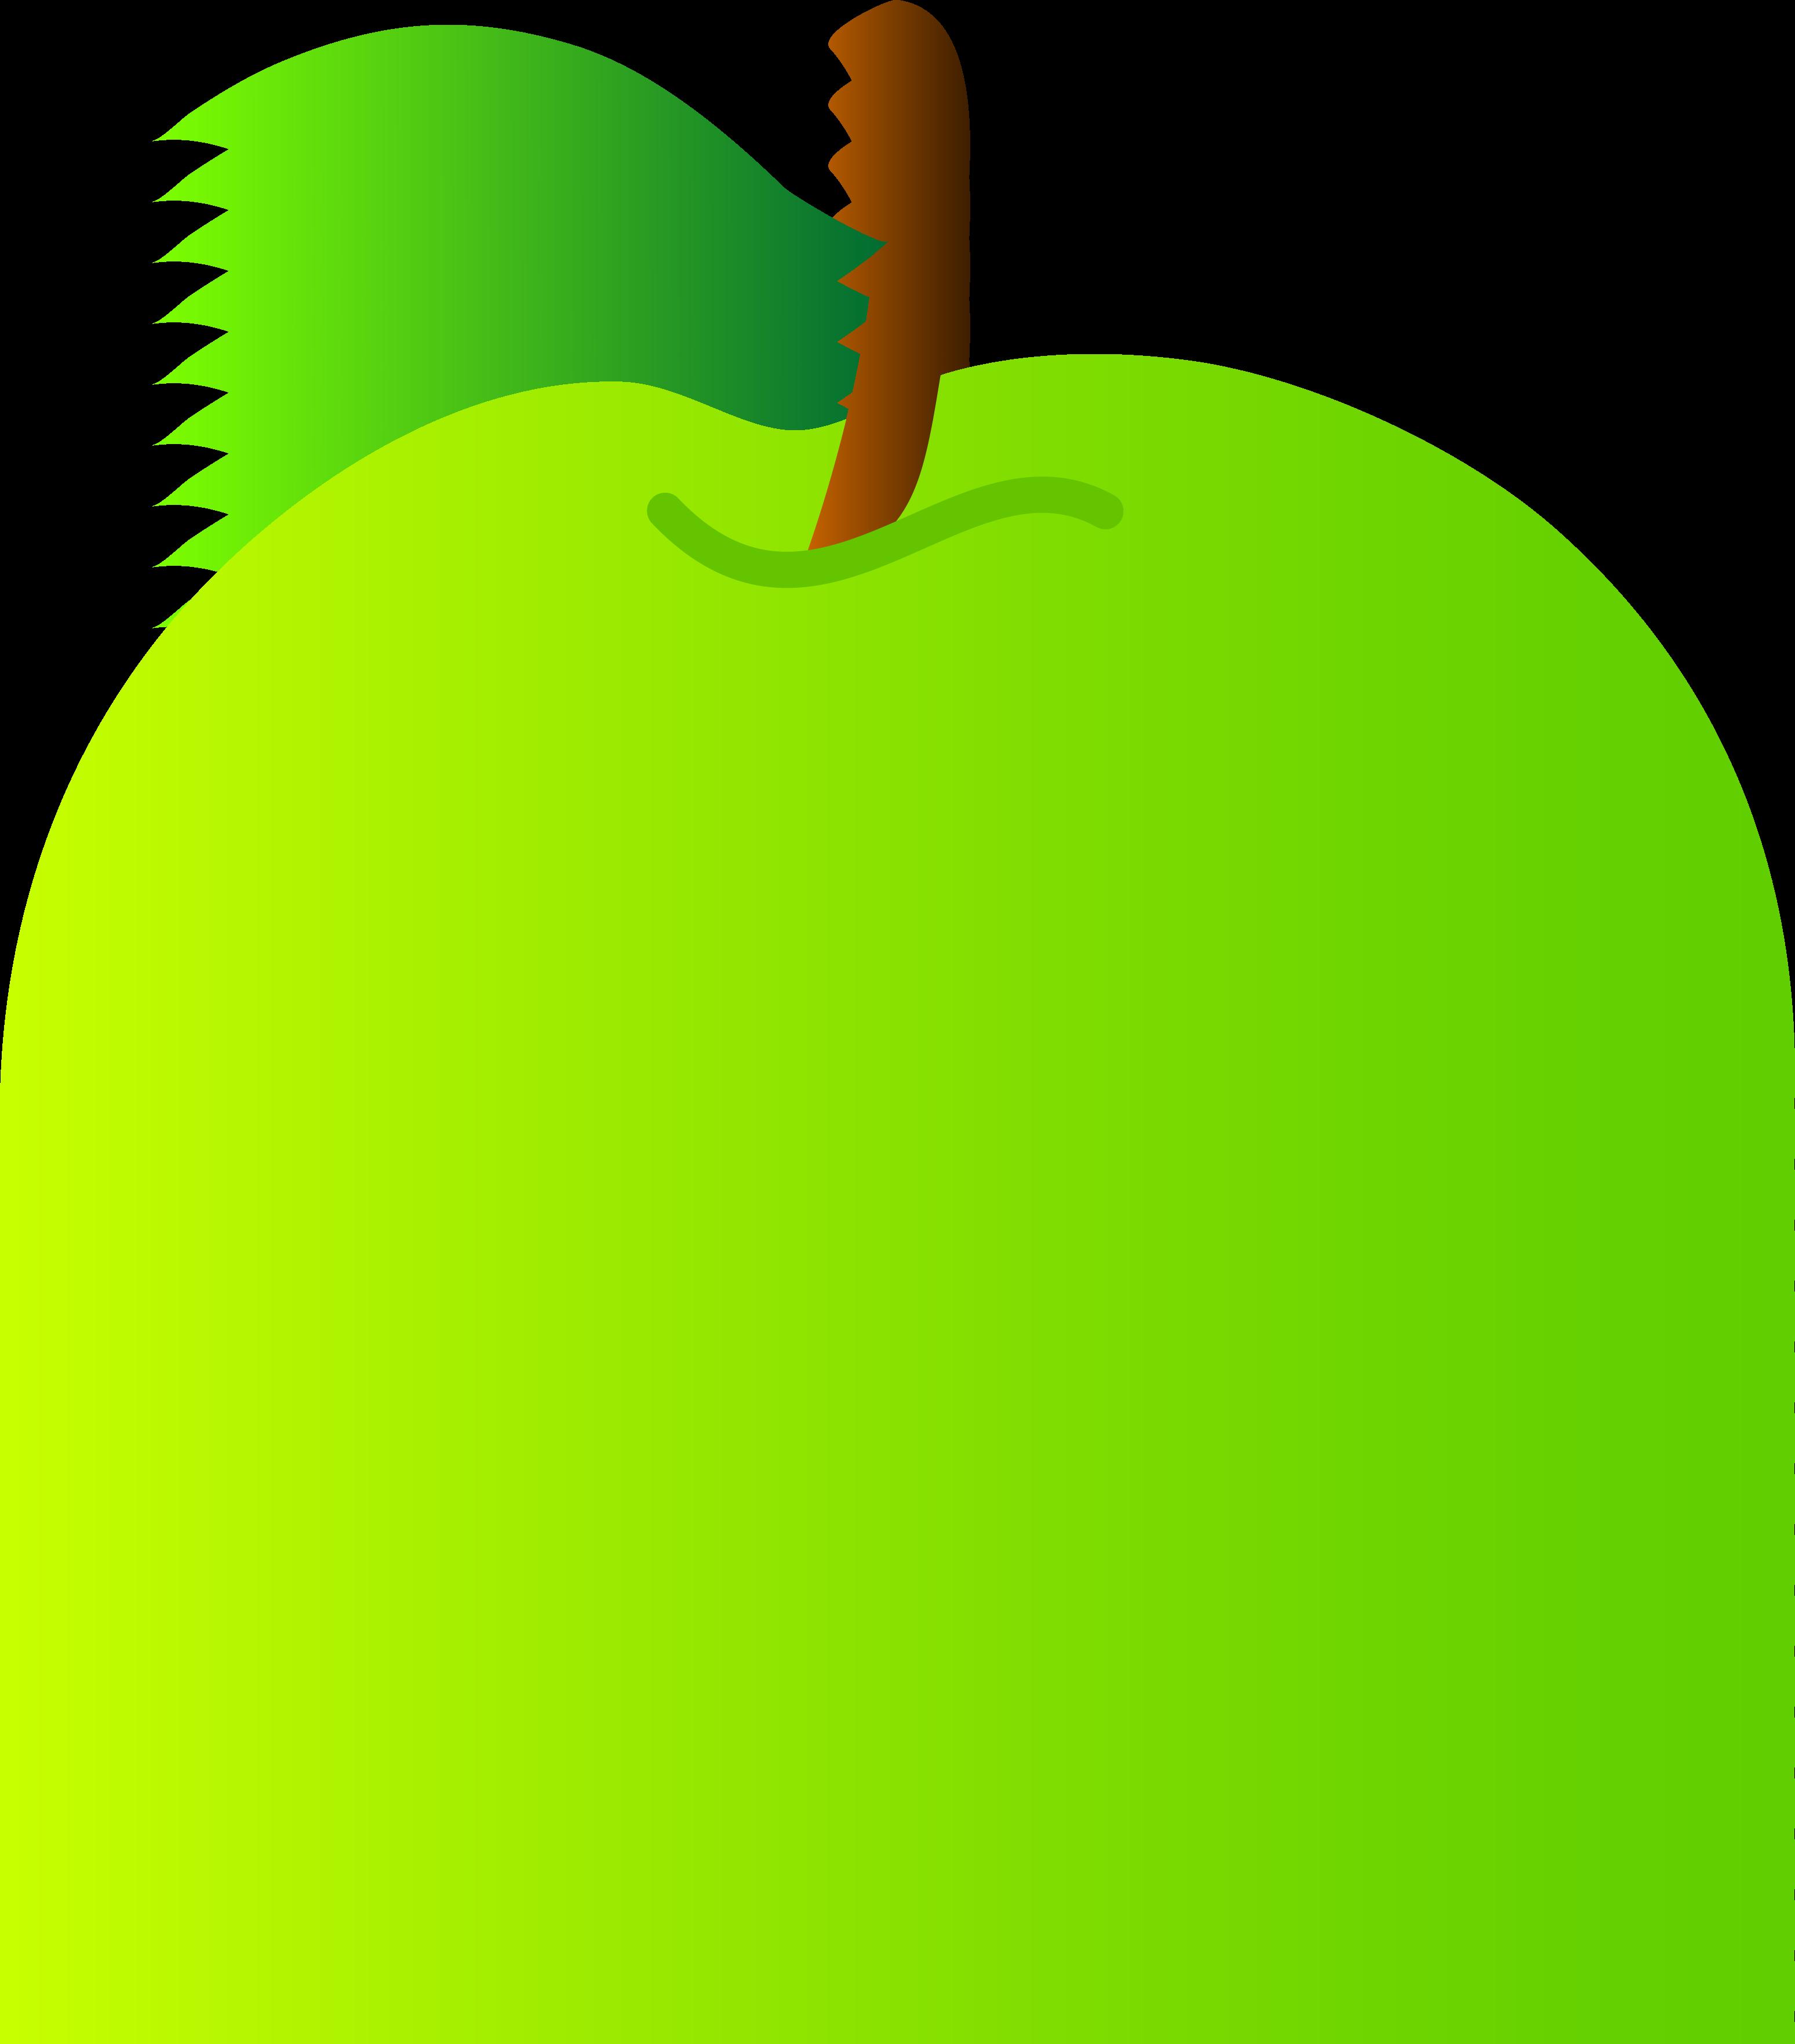 Apples Clip Art - Cliparts.co